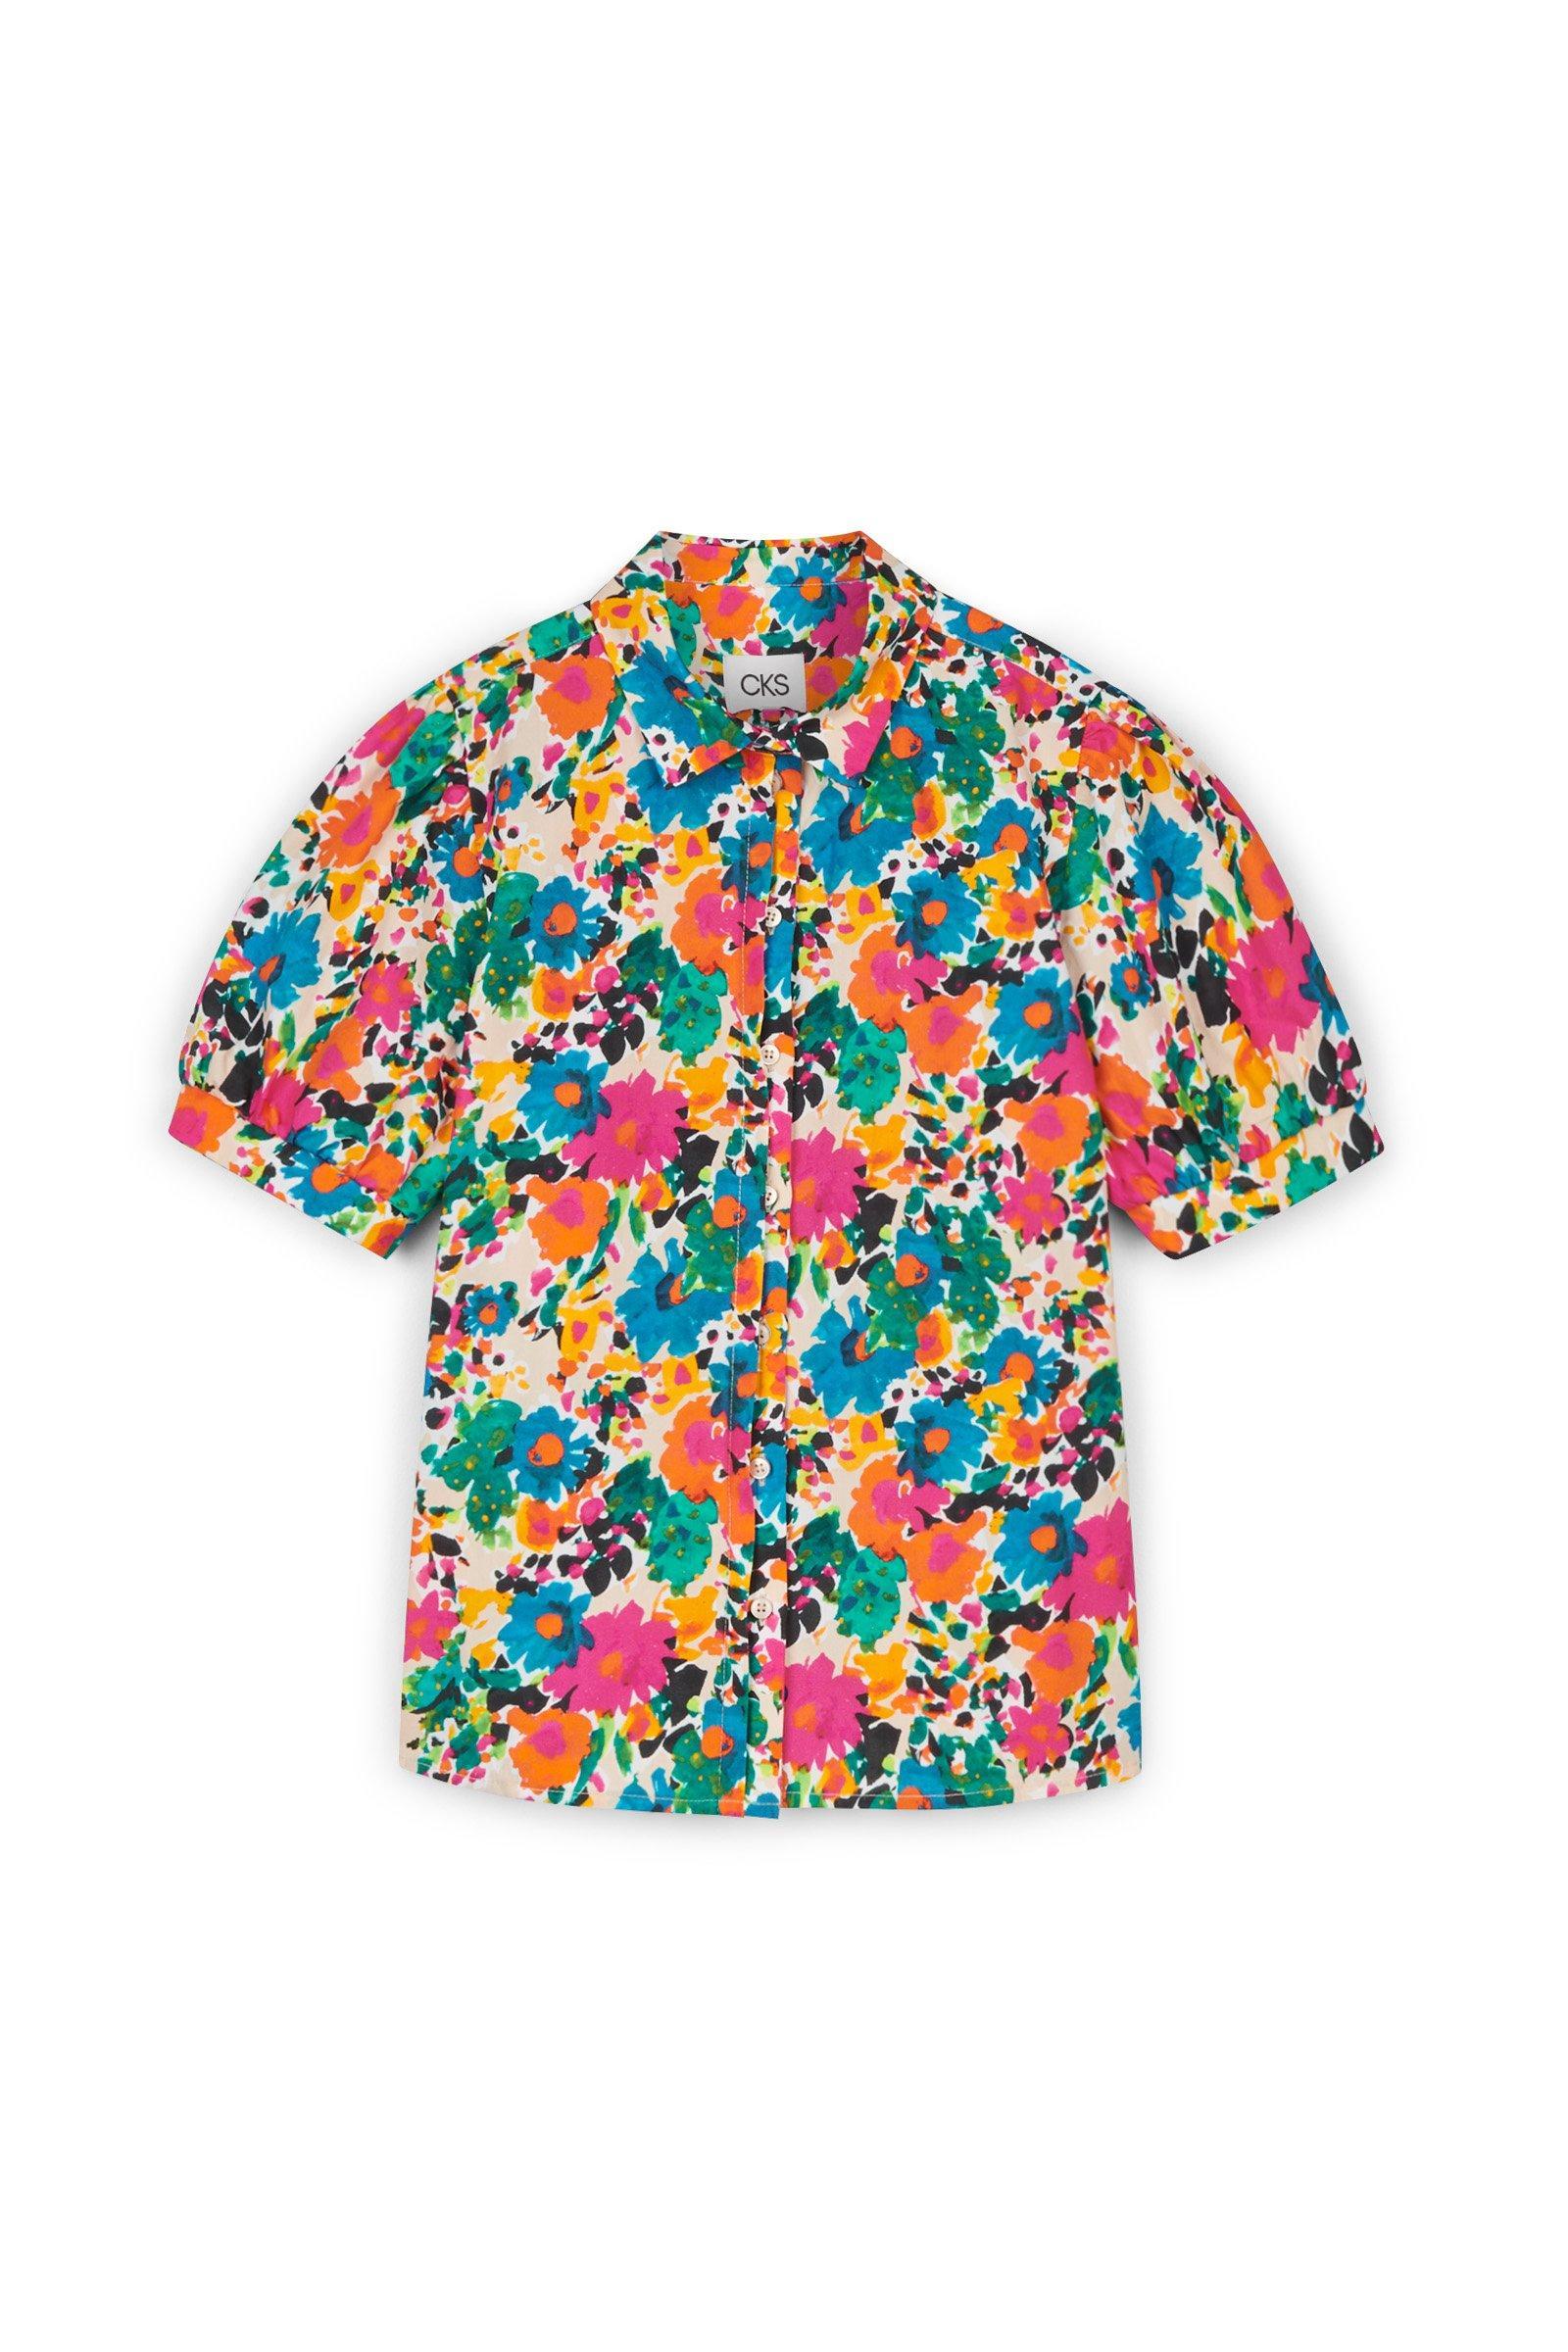 CKS Dames - ELINORES - blouse korte mouwen - meerkleurig